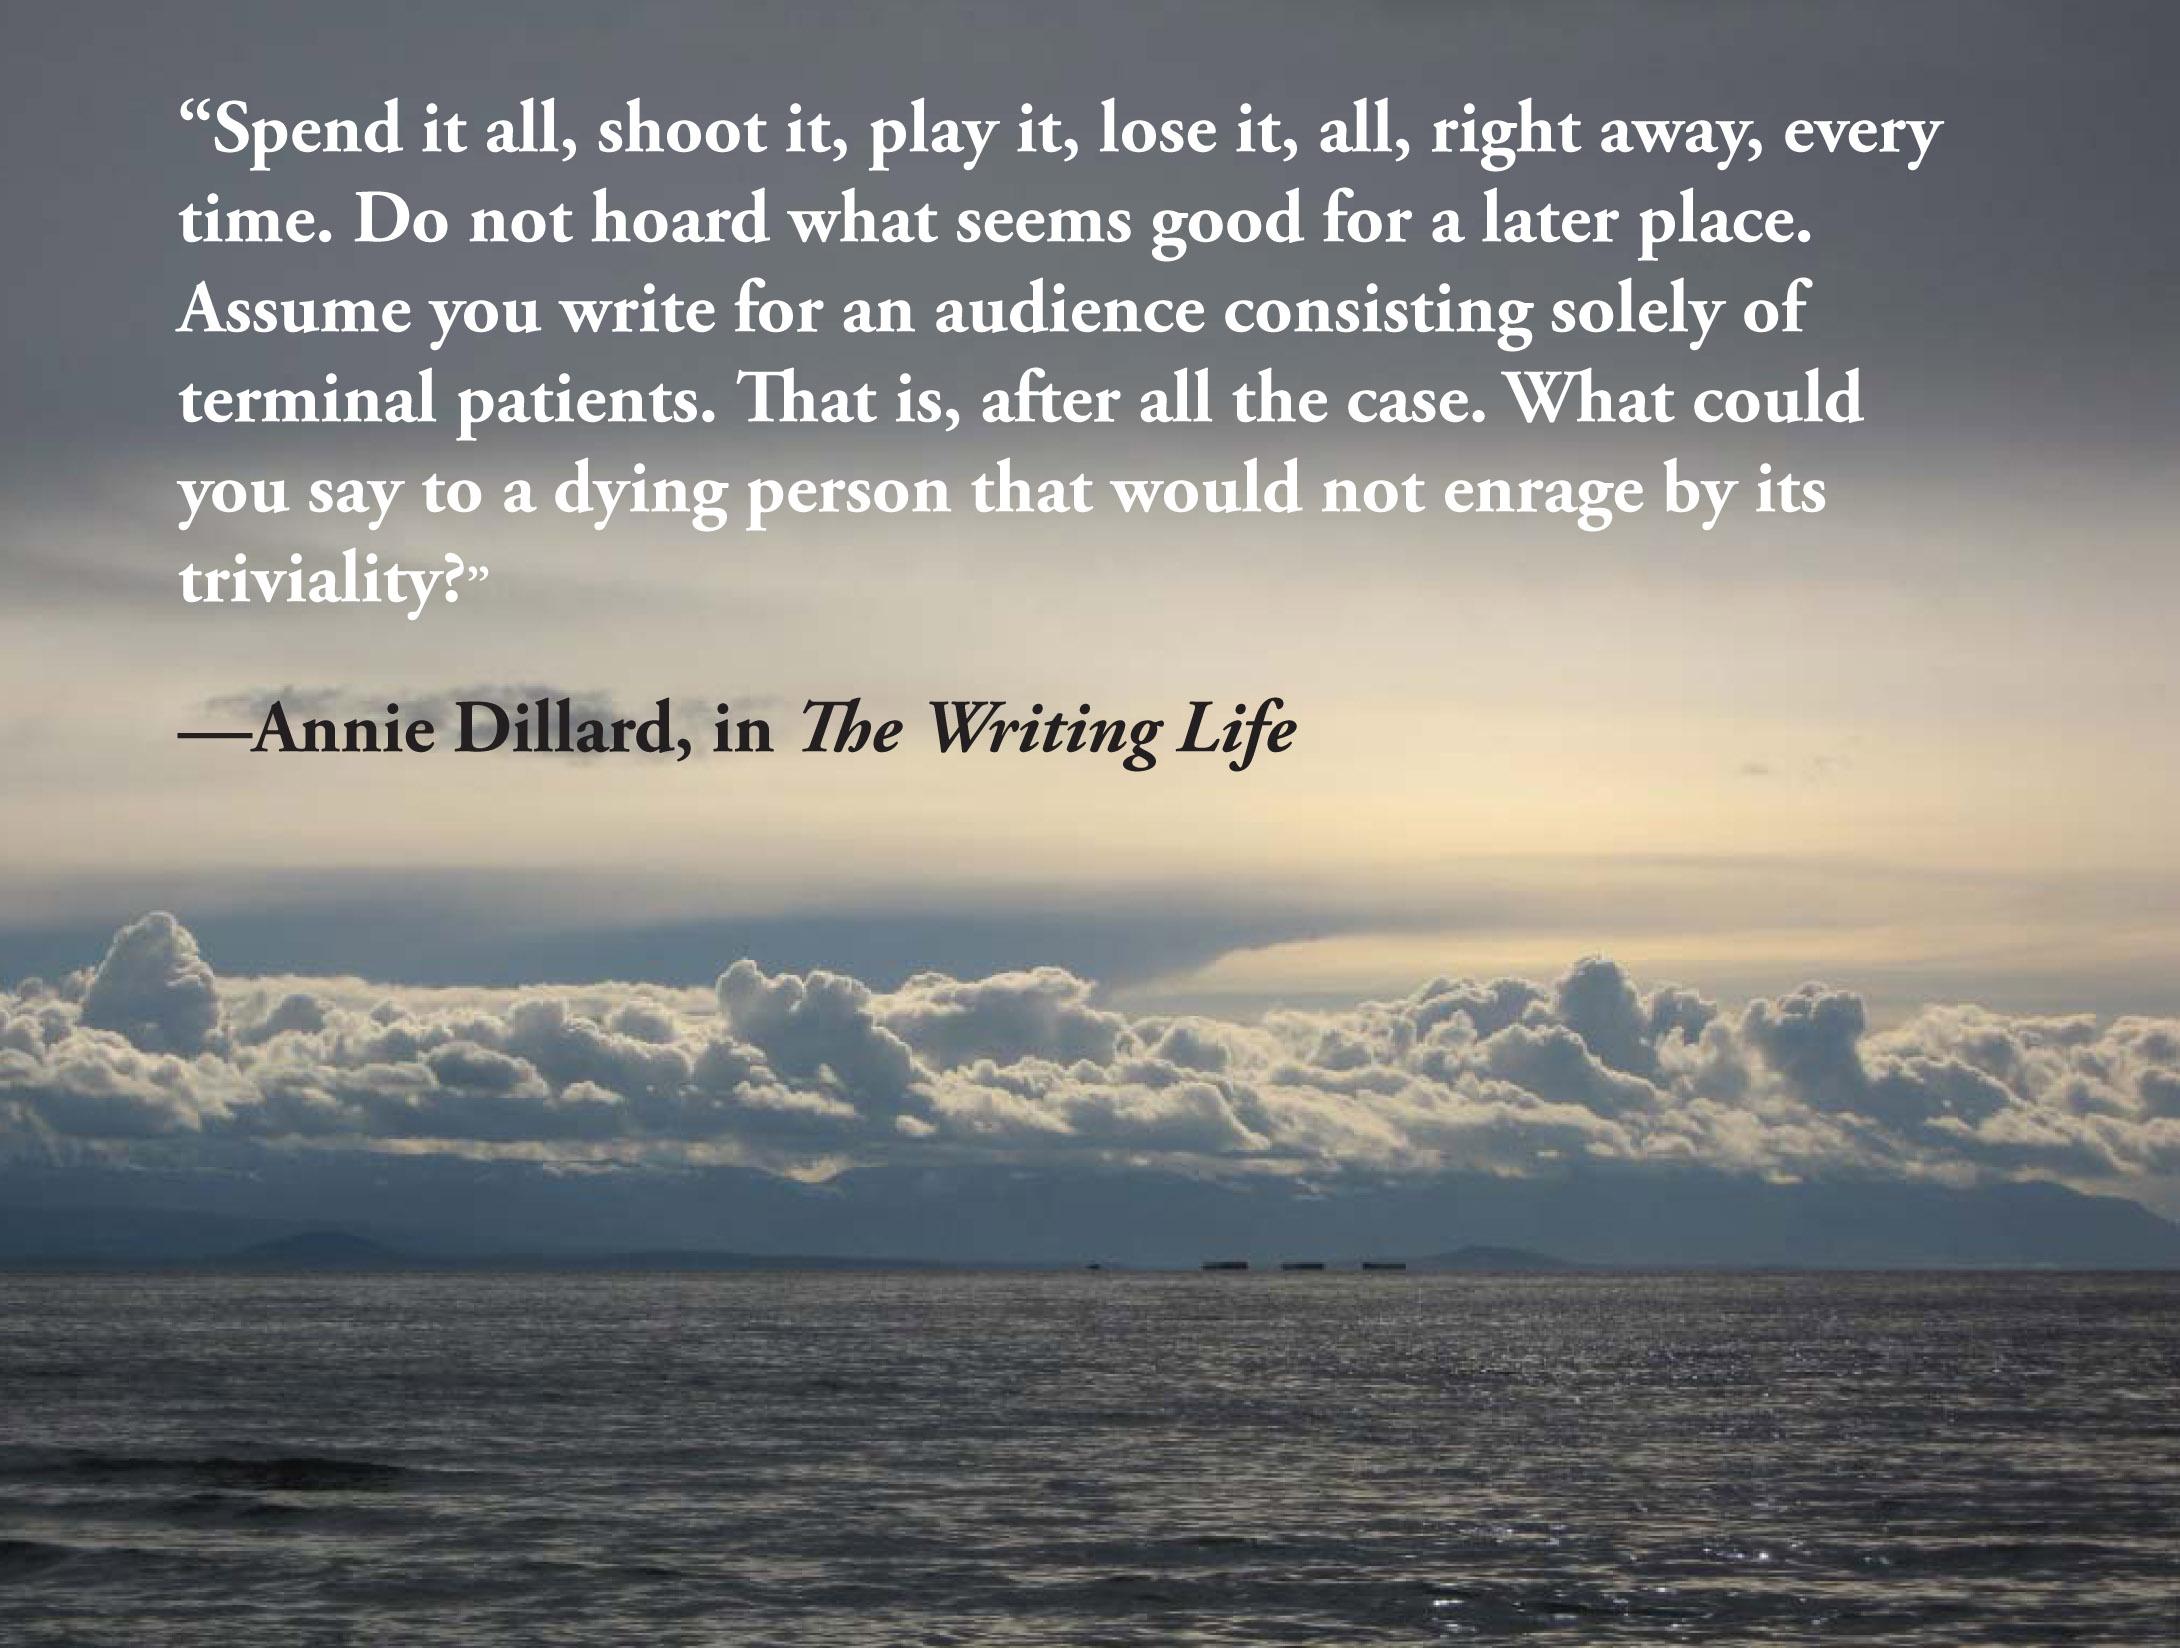 Annie Dillard's quote #6